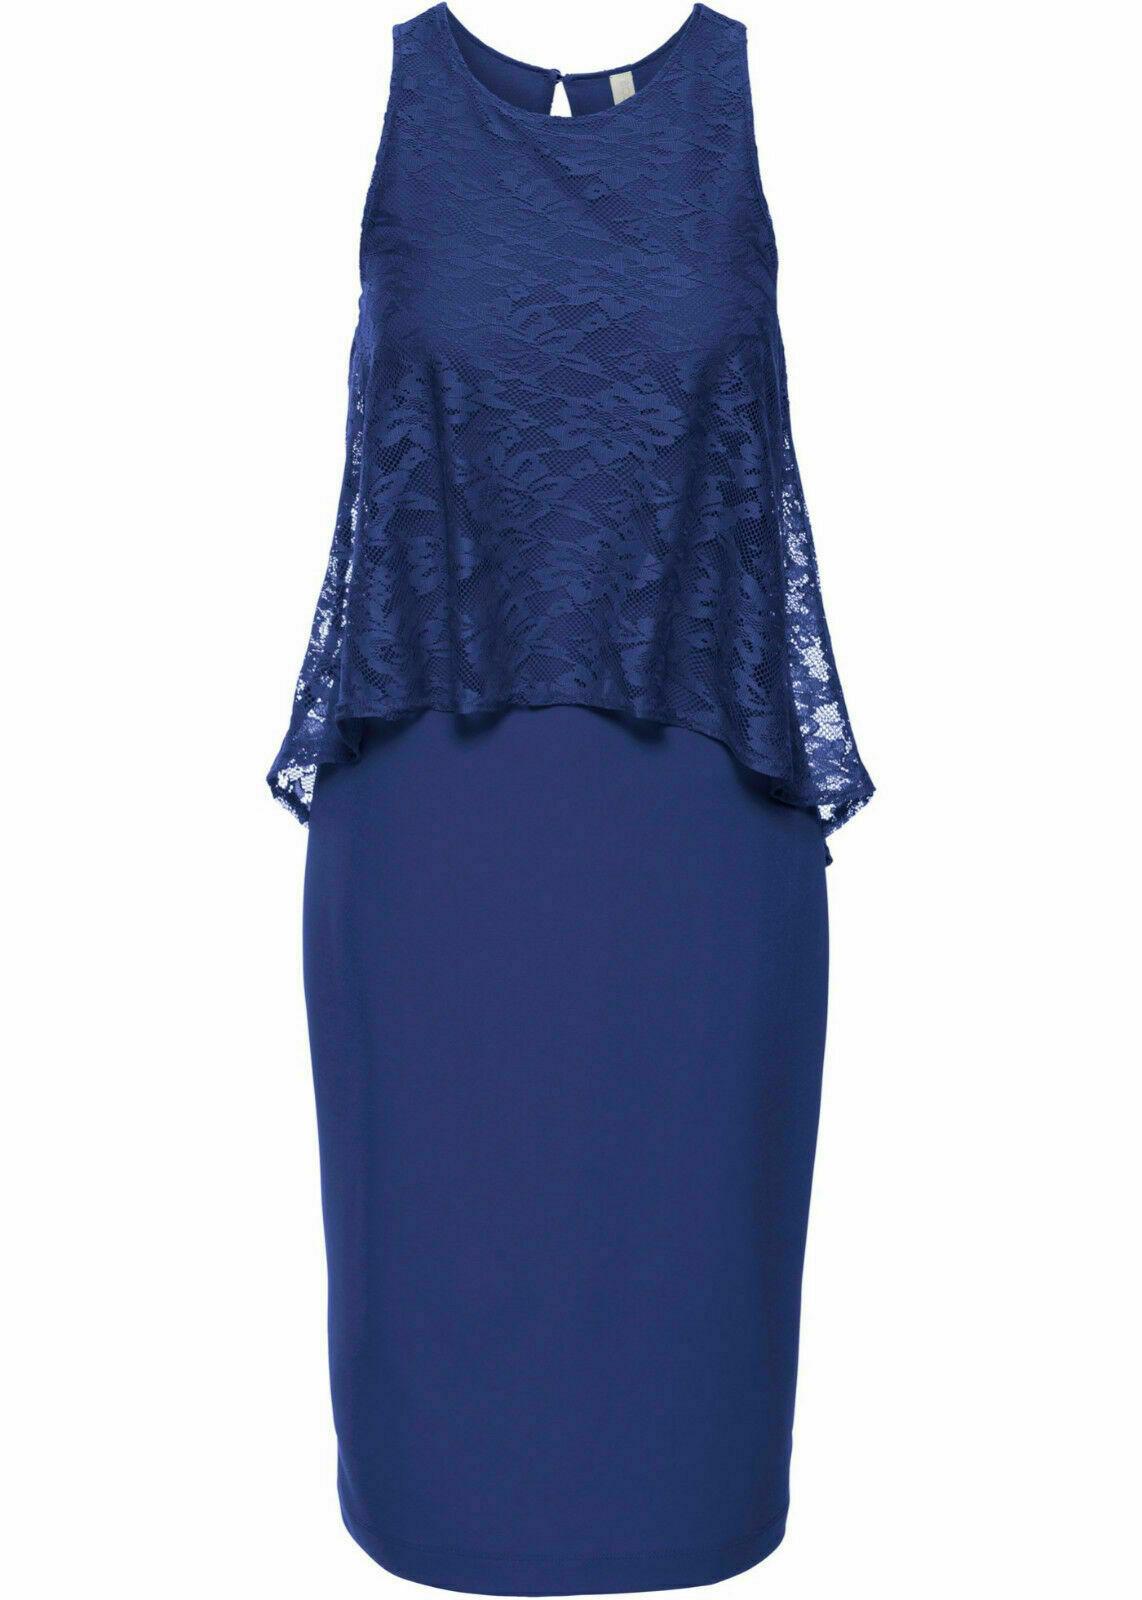 Damen charmantes Kleid mit Spitze Gr. 32 mitternachtsblau NEU